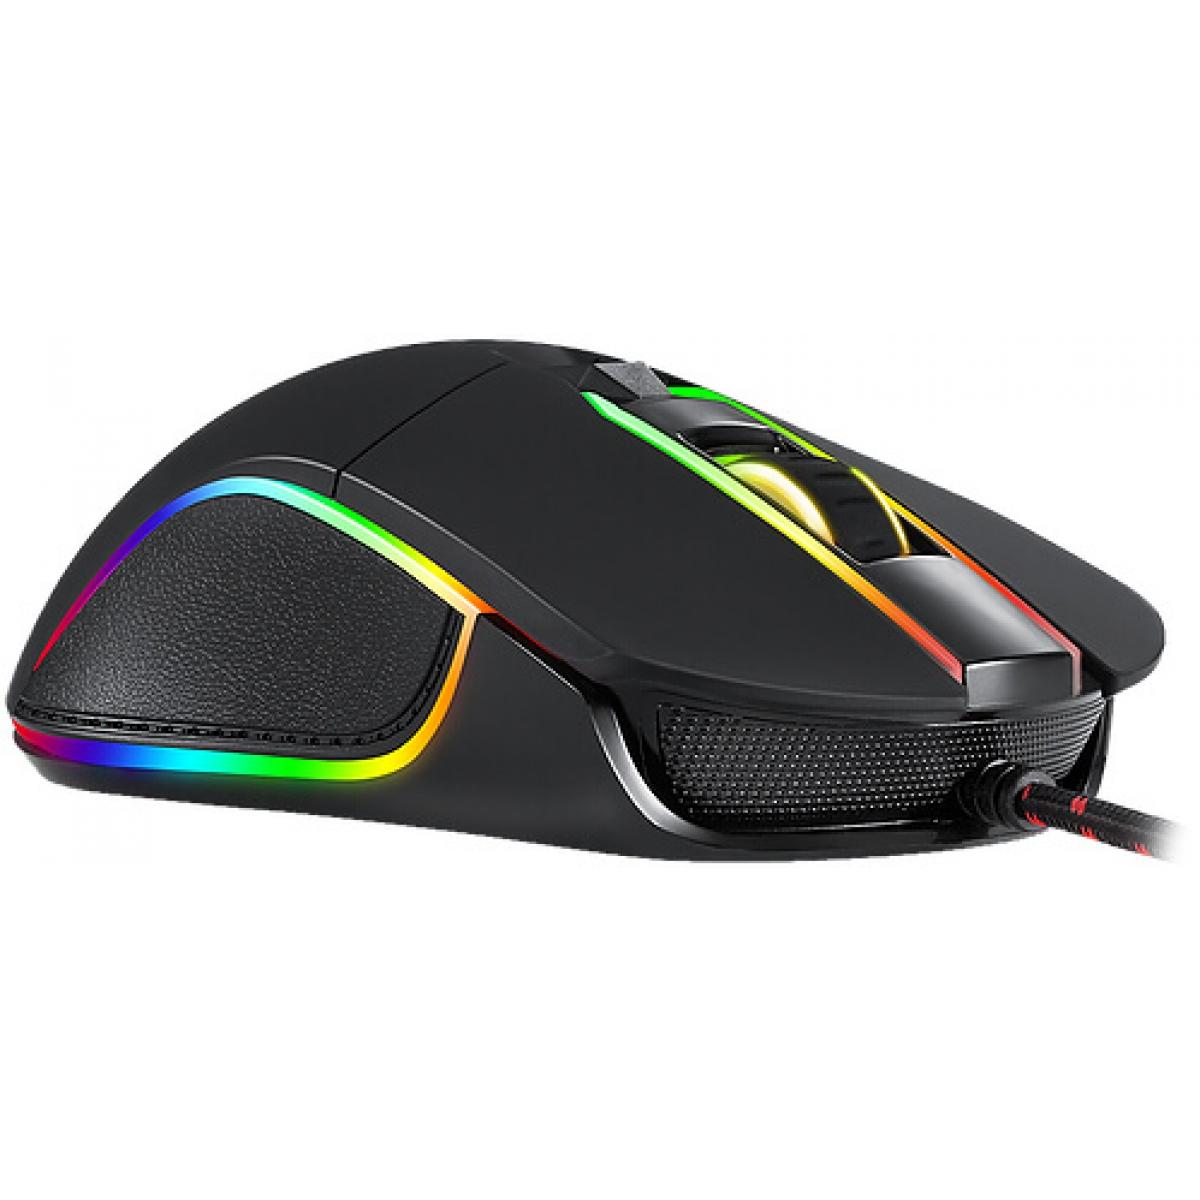 Mouse Gamer Motospeed V30 BMSMS0003PTO 3500 DPI RGB Backlight Black